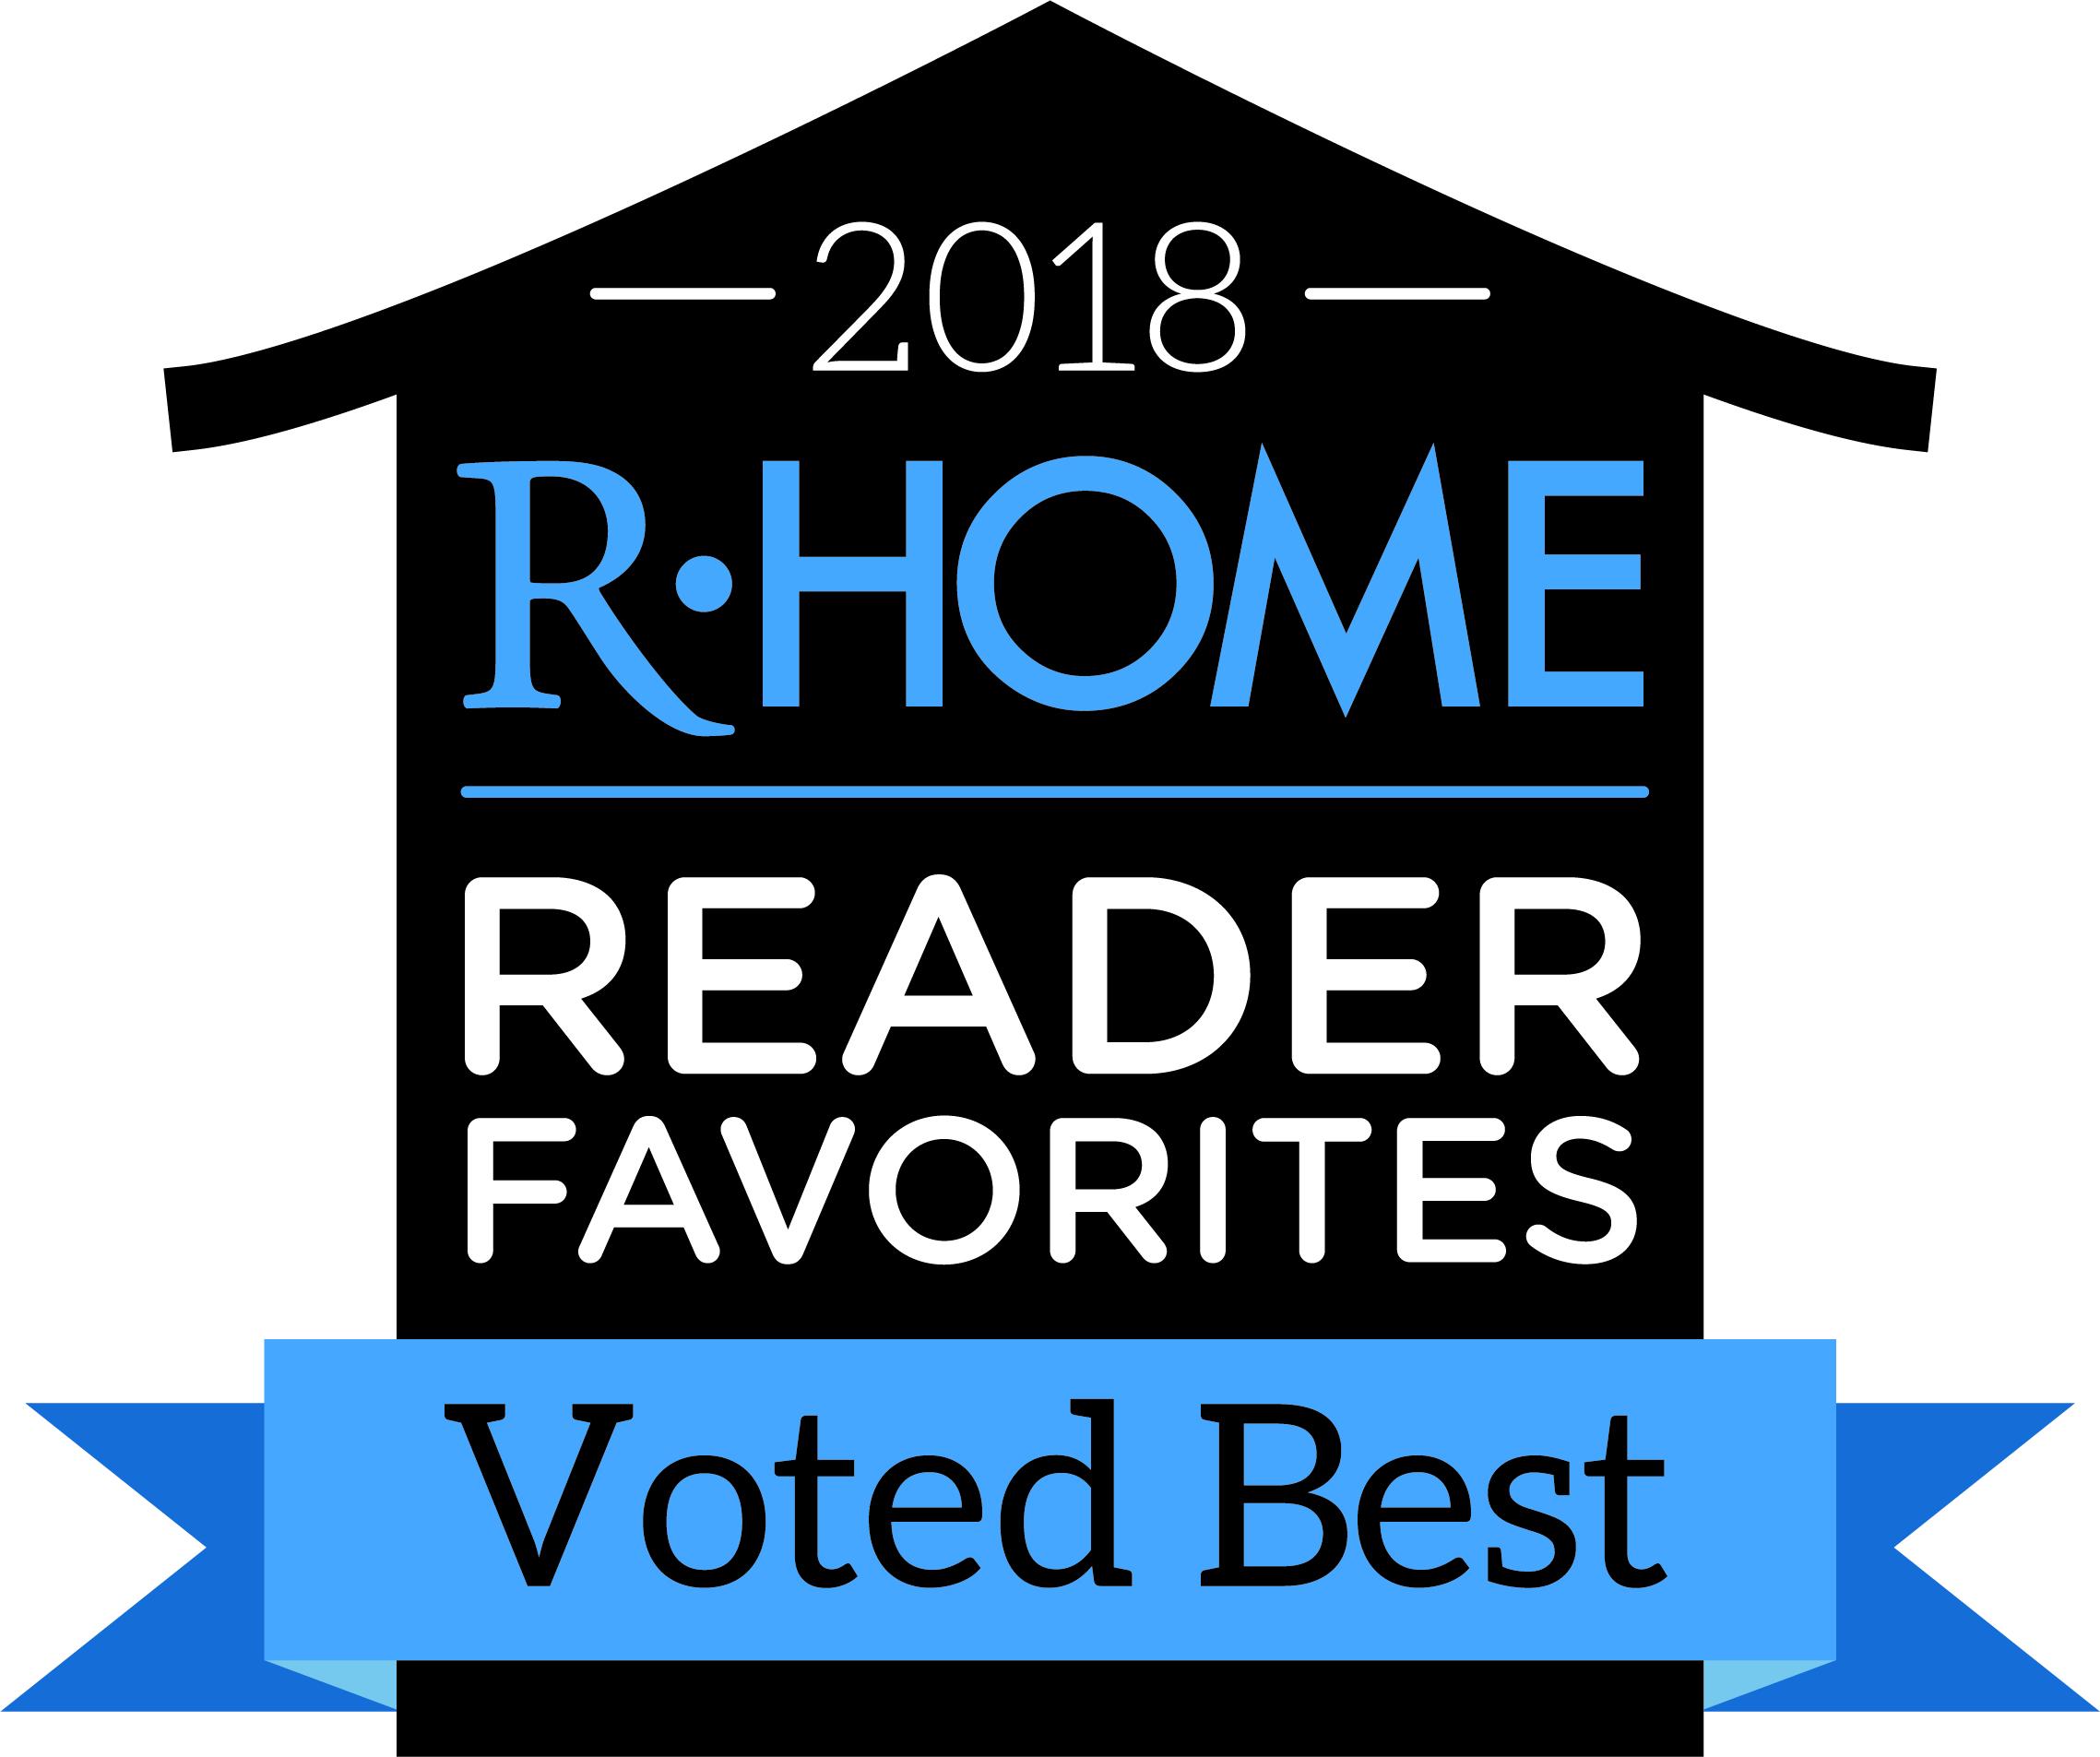 readers_survey_winner_lightbg_2018.jpg